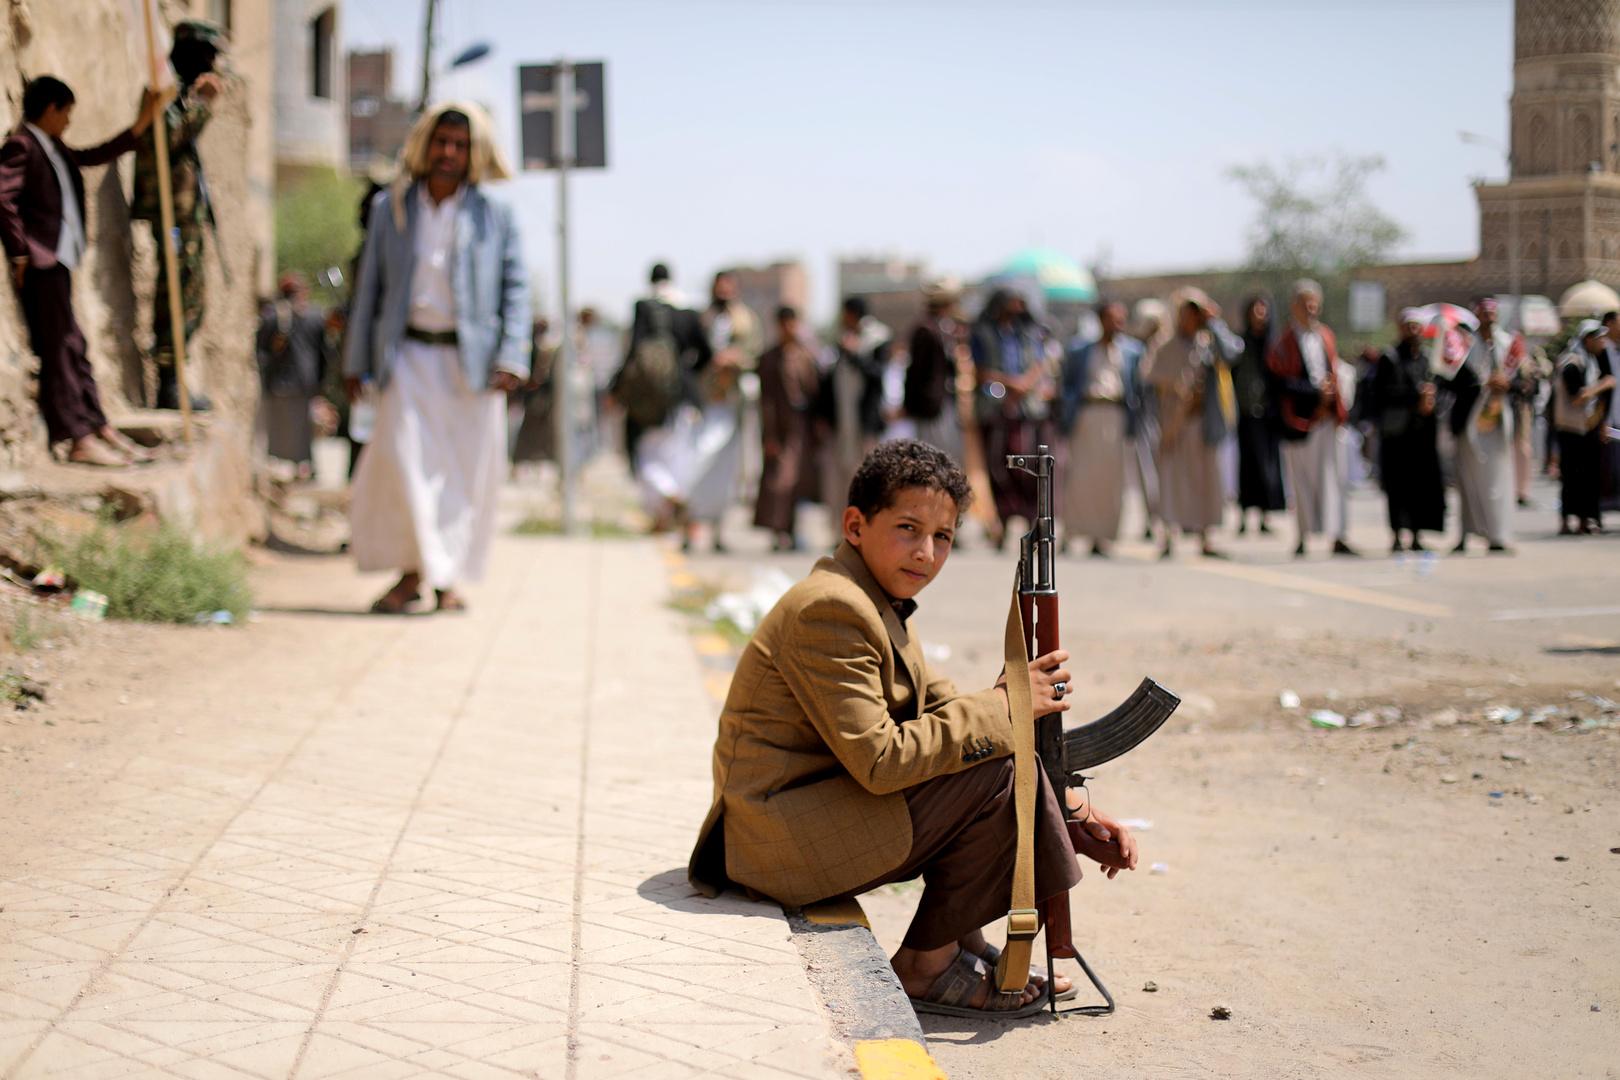 مصادر تكشف عن قضيتين أساسيتين في مفاوضات الحوثيين والحكومة اليمنية بجنيف